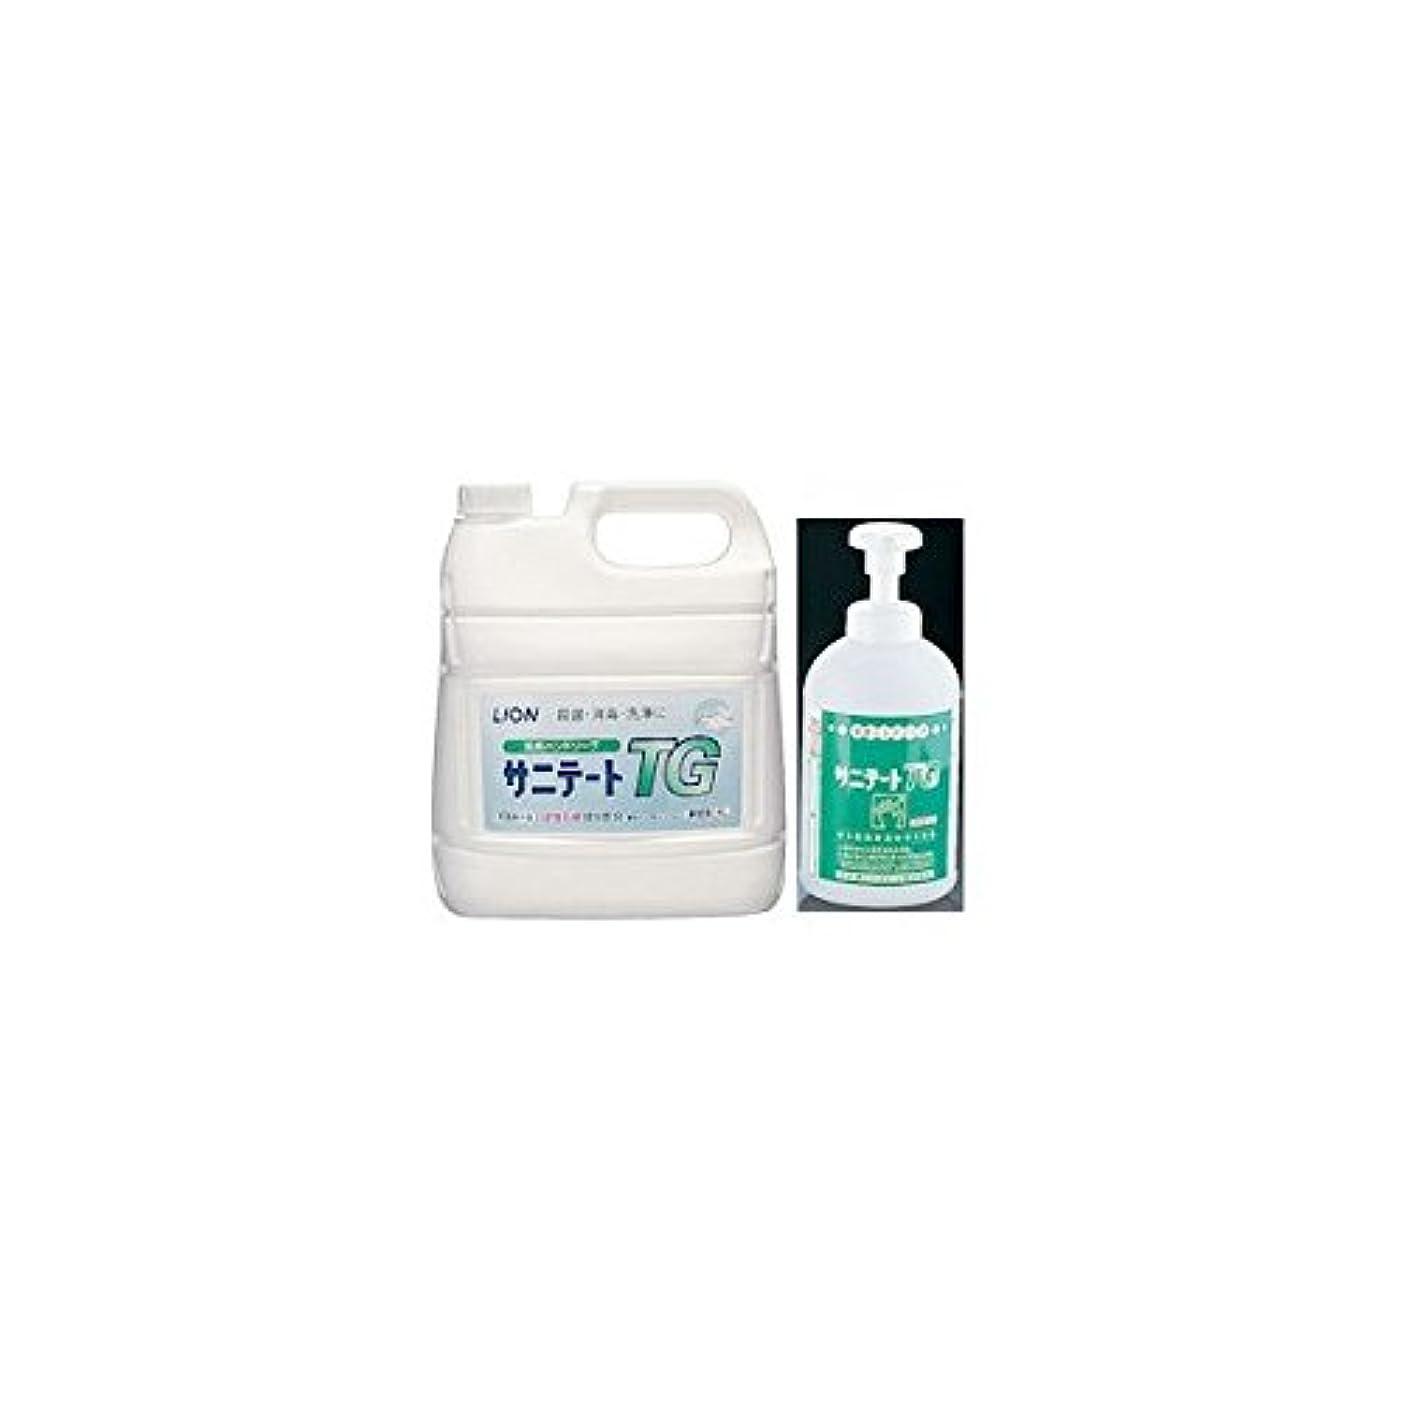 ベジタリアン分析的アラートライオン薬用ハンドソープ サニテートTG 4L 700ML泡ポンプ付 【品番】JHV3001